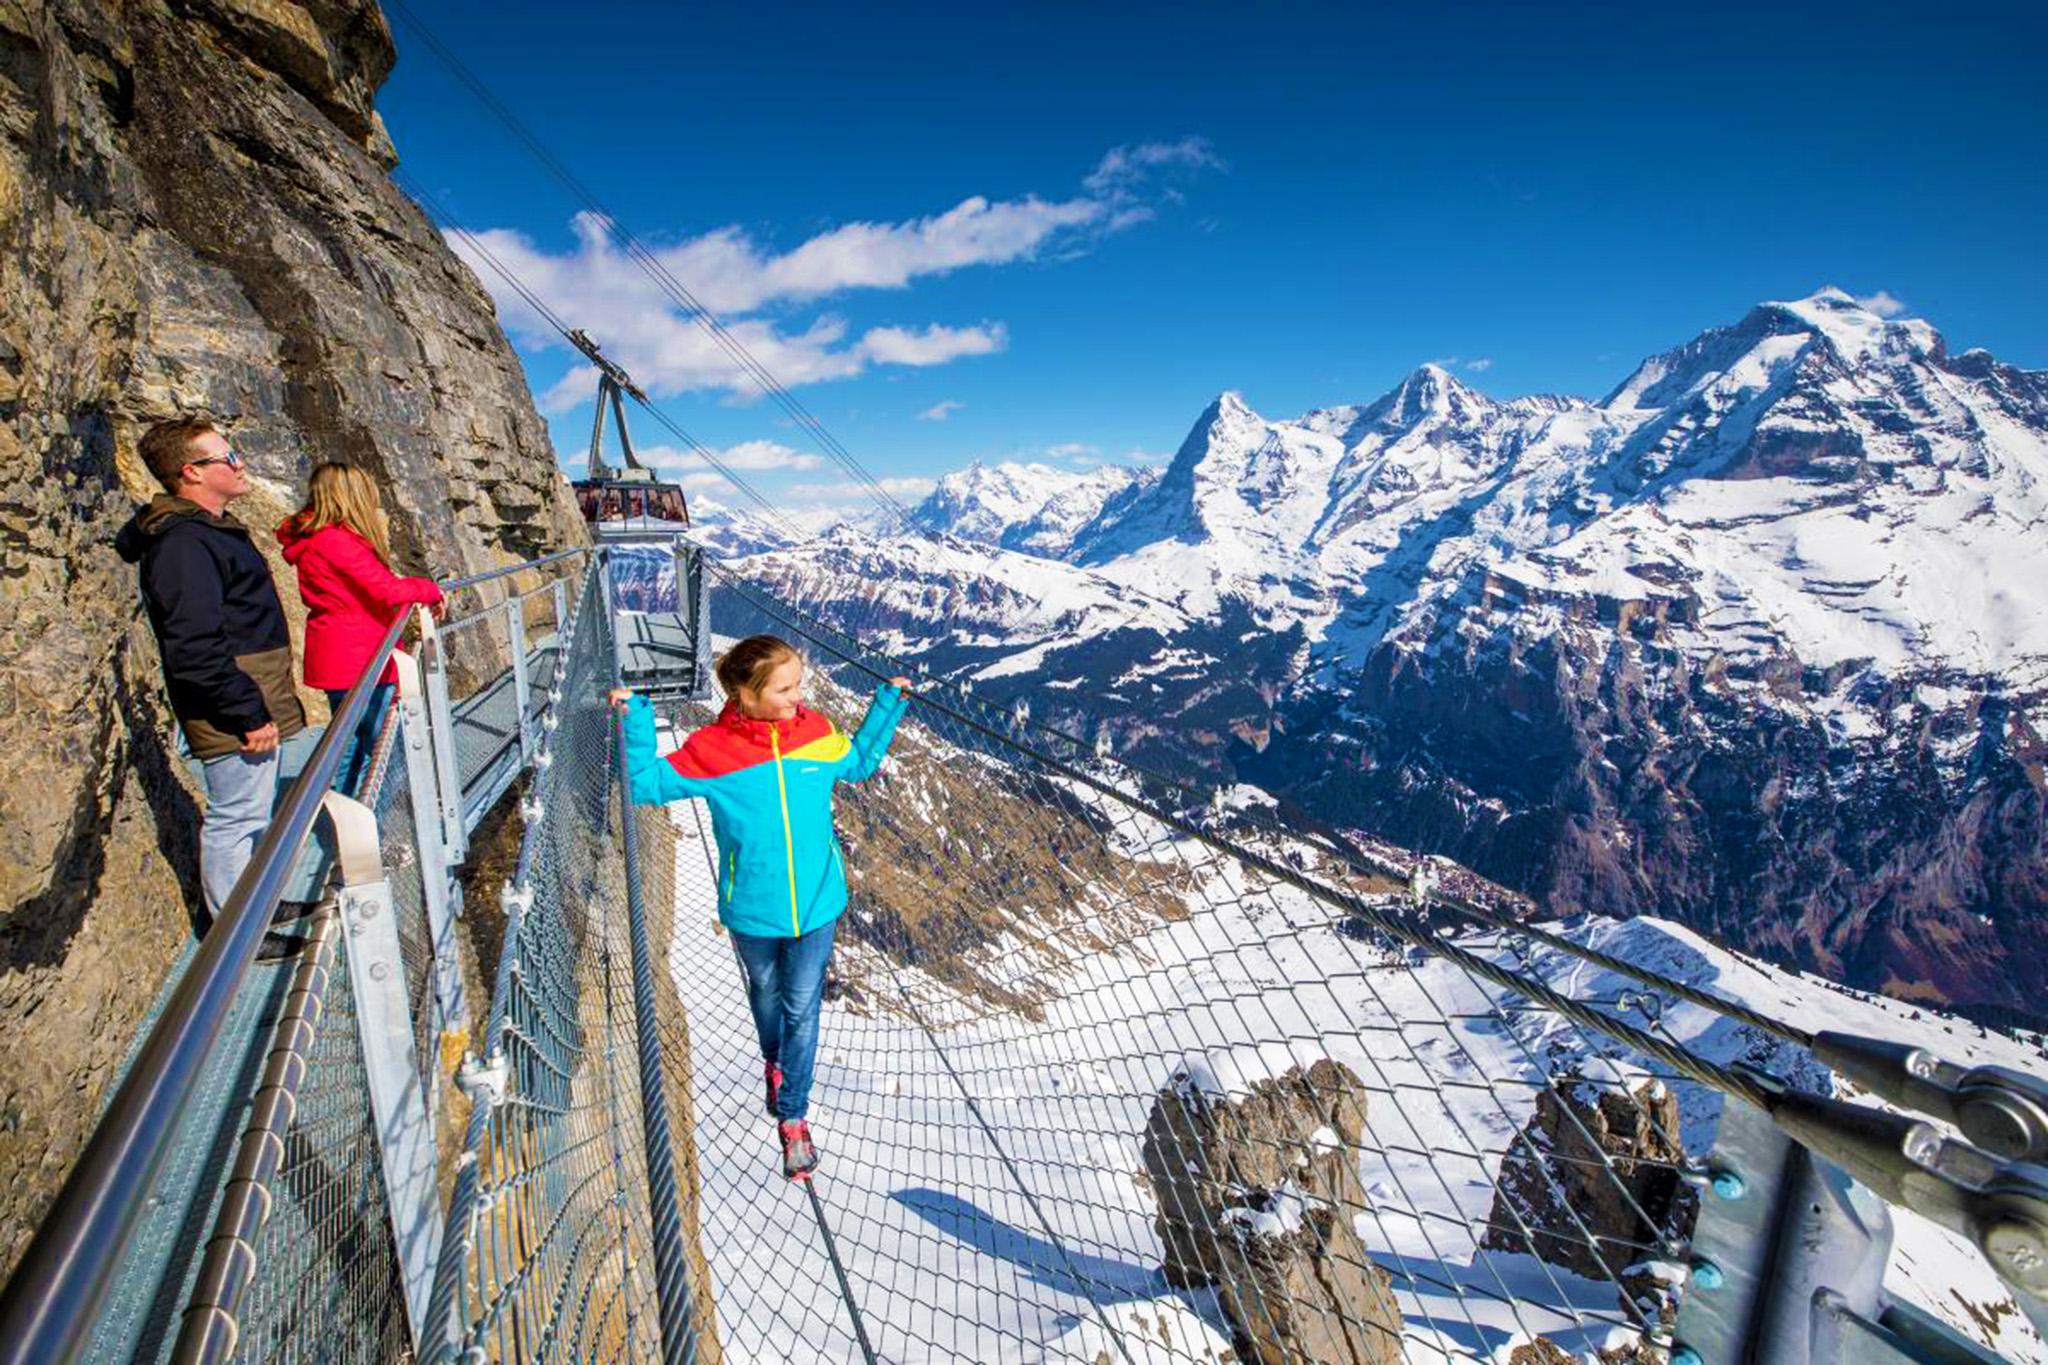 kt_2020_360_Keytours_excursions_Swisstours_interlaken_schilthorn8_2048_10